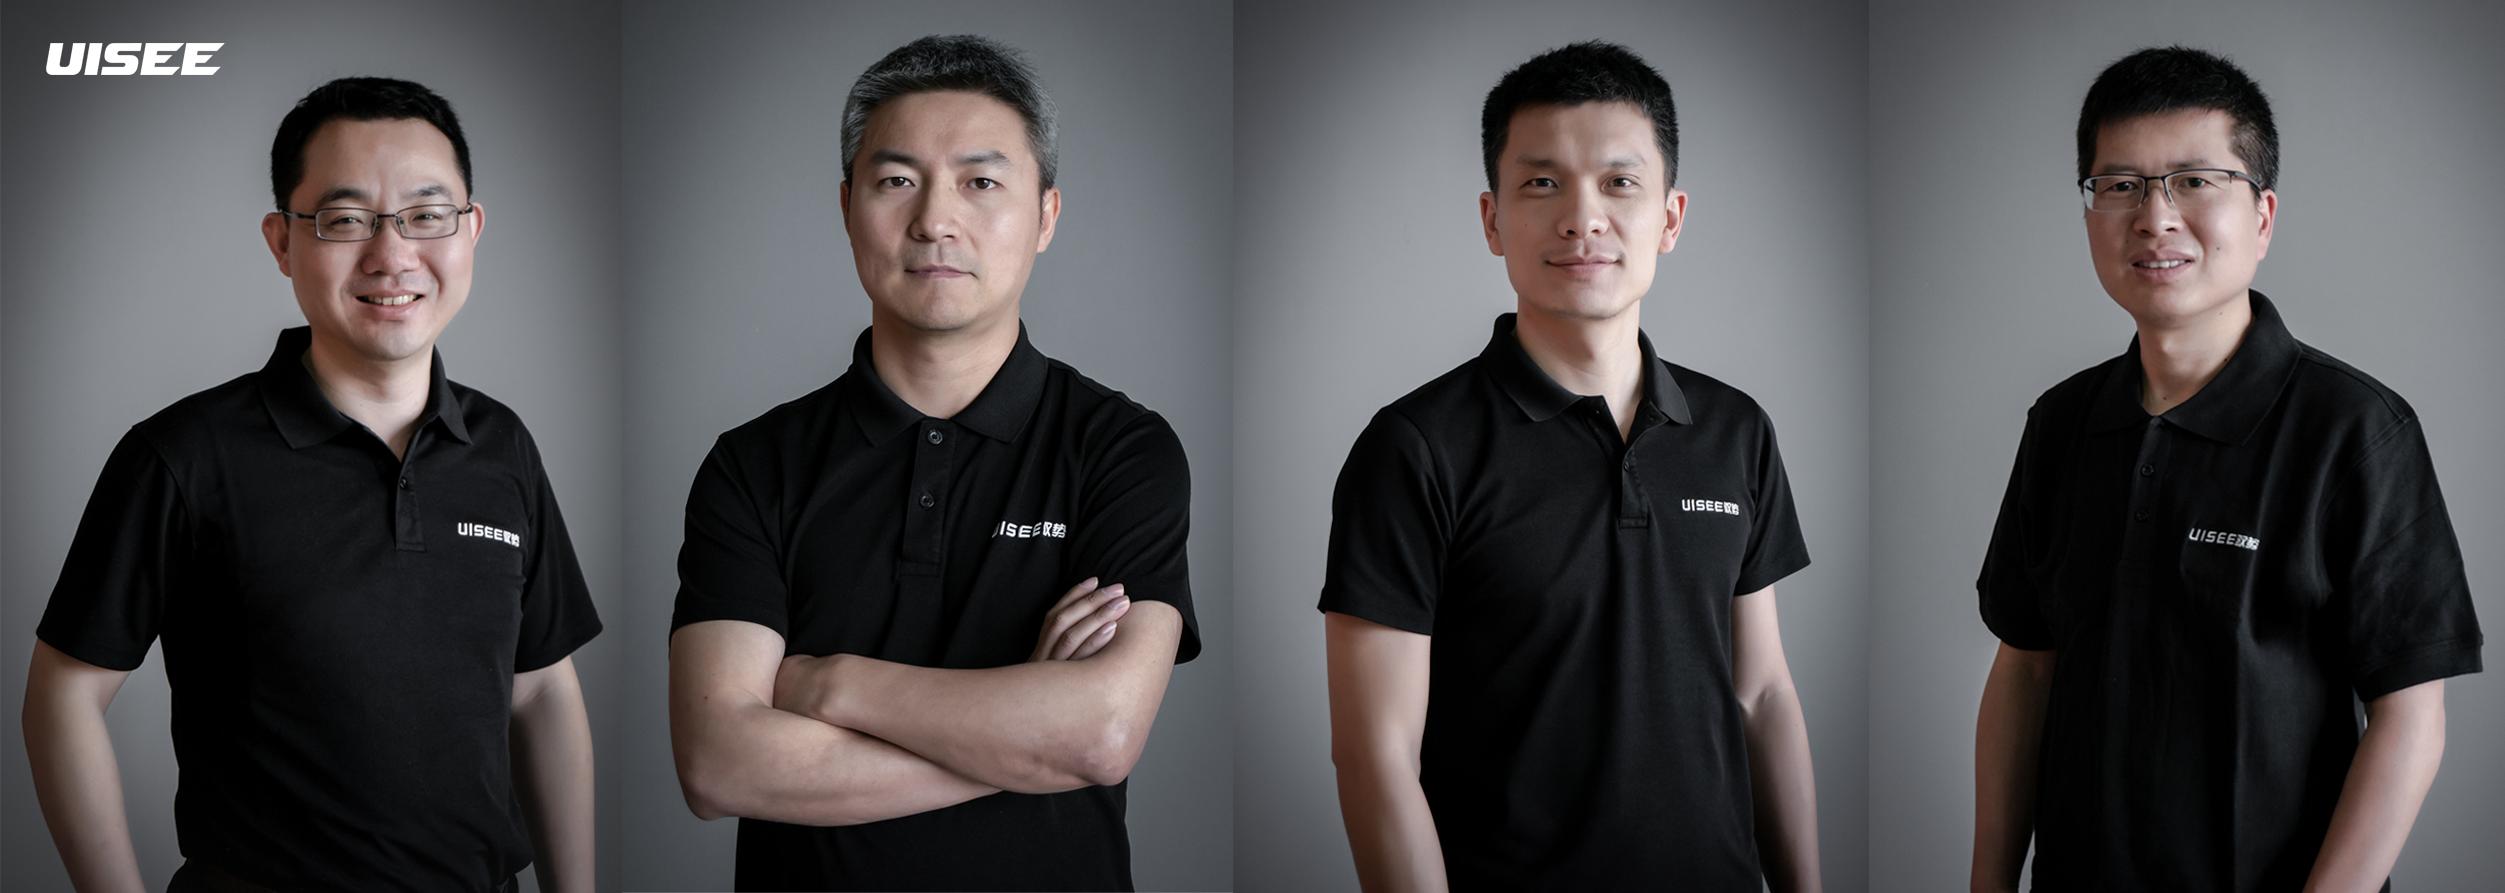 Zľava 周 鑫 (ZHOU Xin) spoluzakladateľ a CPO, 吴 甘 沙 (WU Gansha) spoluzakladateľ a CEO, 姜岩 (JIANG Yan) spoluzakladateľ a CTO, 彭 进展 (PENG Jinzhan) spoluzakladateľ a hlavný systémový architekt